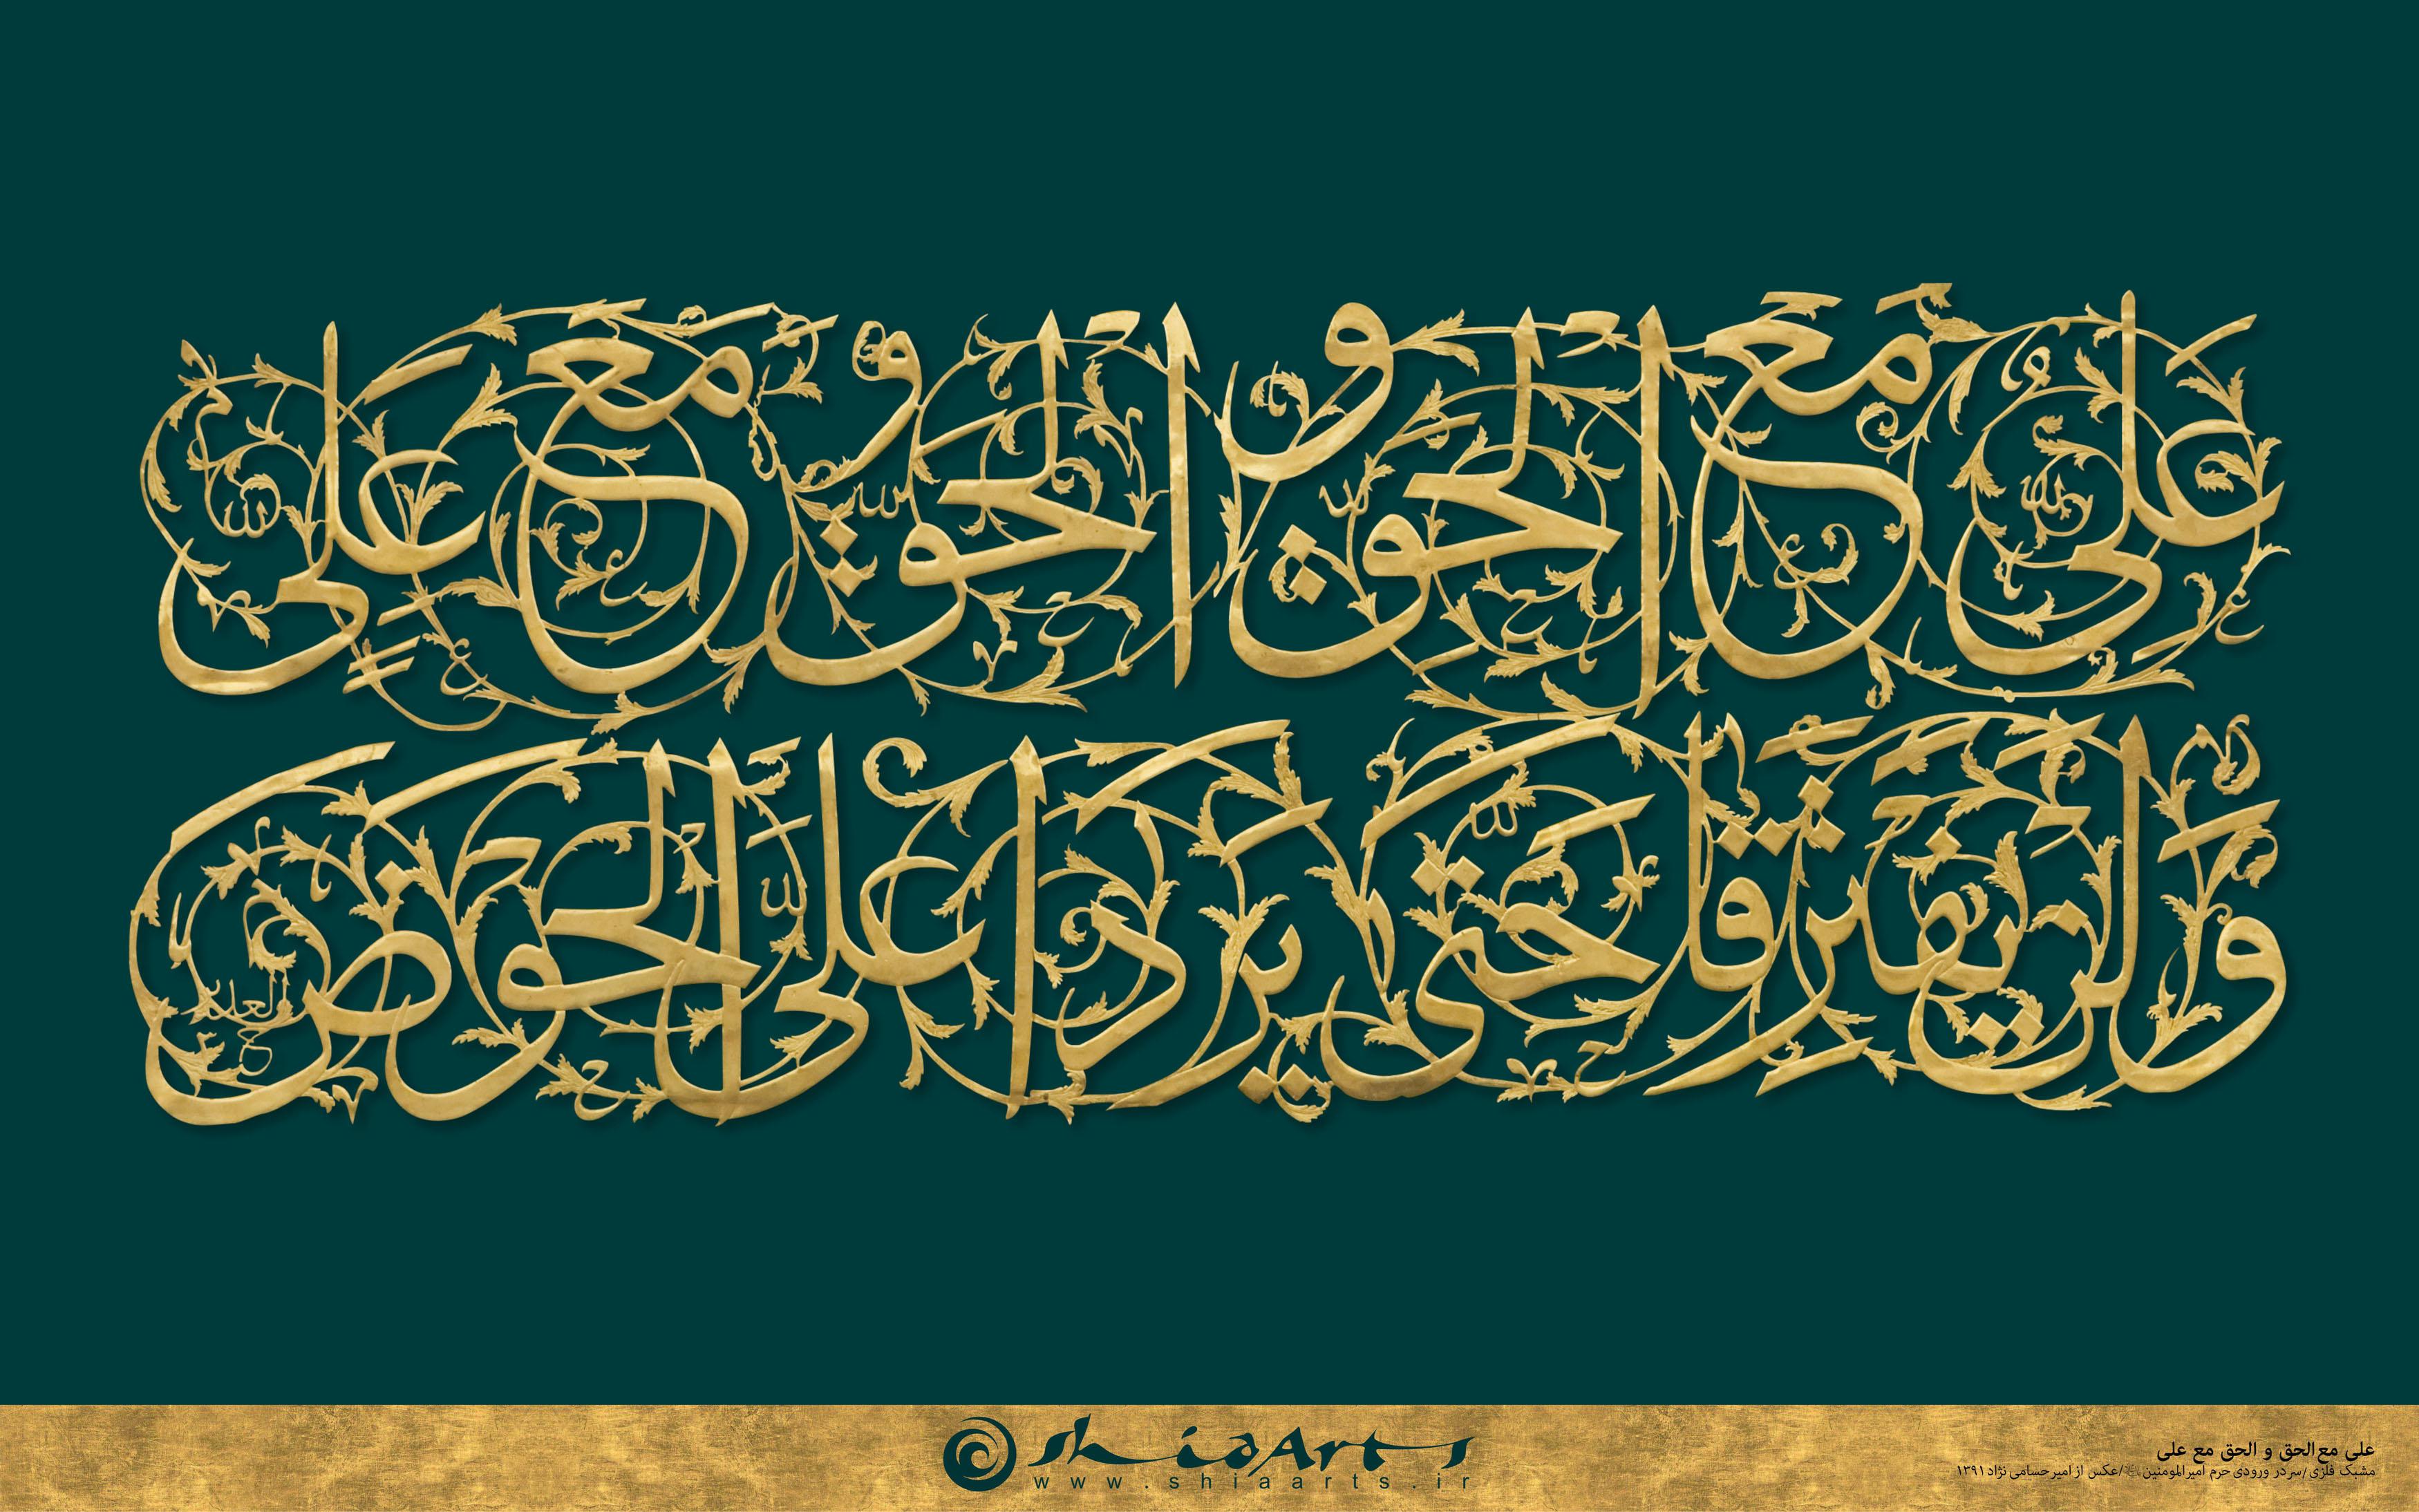 پوستر علی مع الحق والحق مع علی